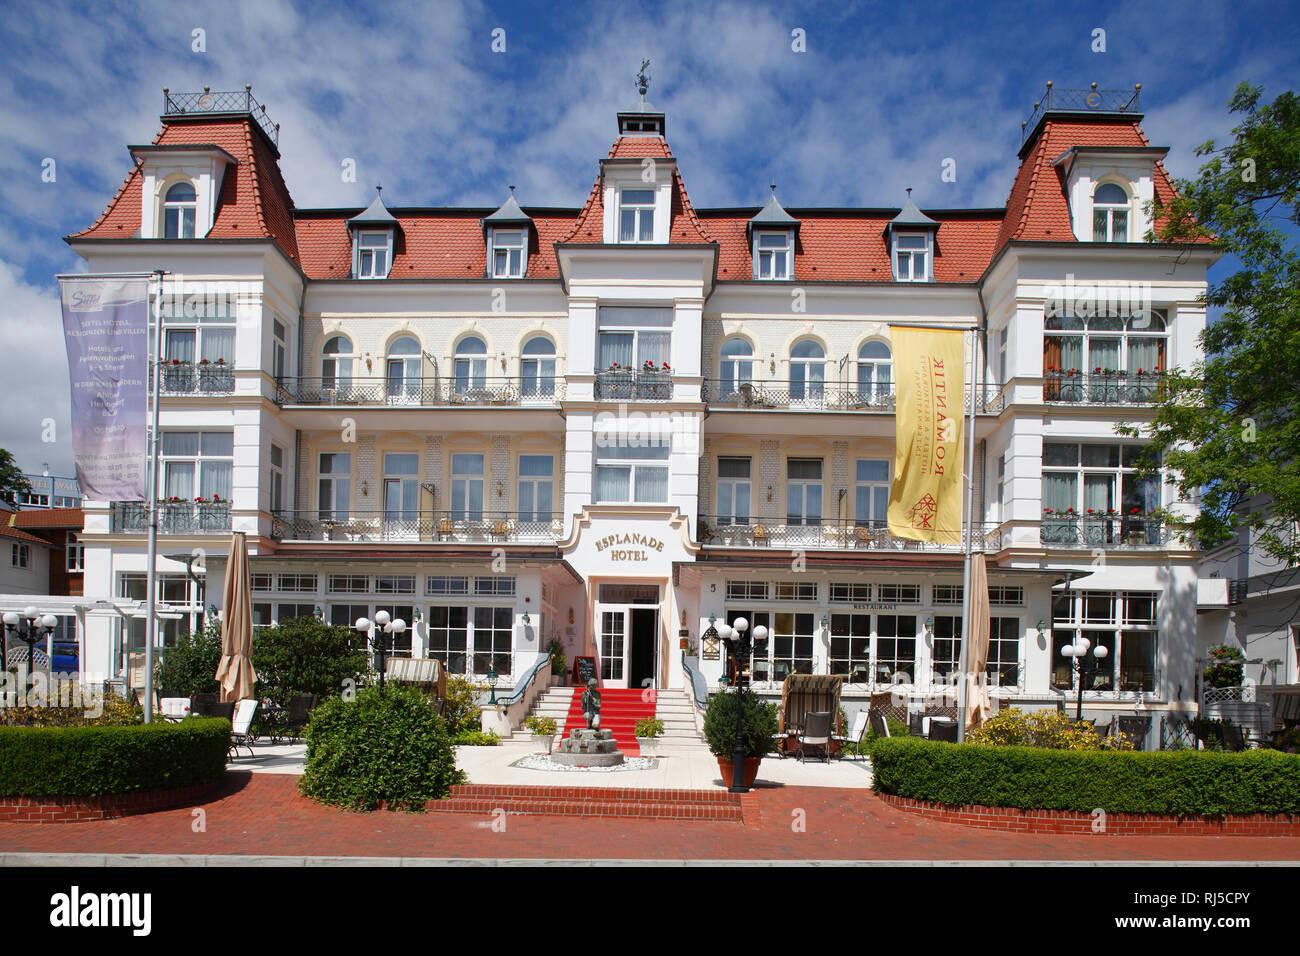 Romantik Hotel Esplanade, Bäderarchitektur, Heringsdorf, Insel Usedom, Mecklenburg-Vorpommern, Deutschland, Europa Stockbild